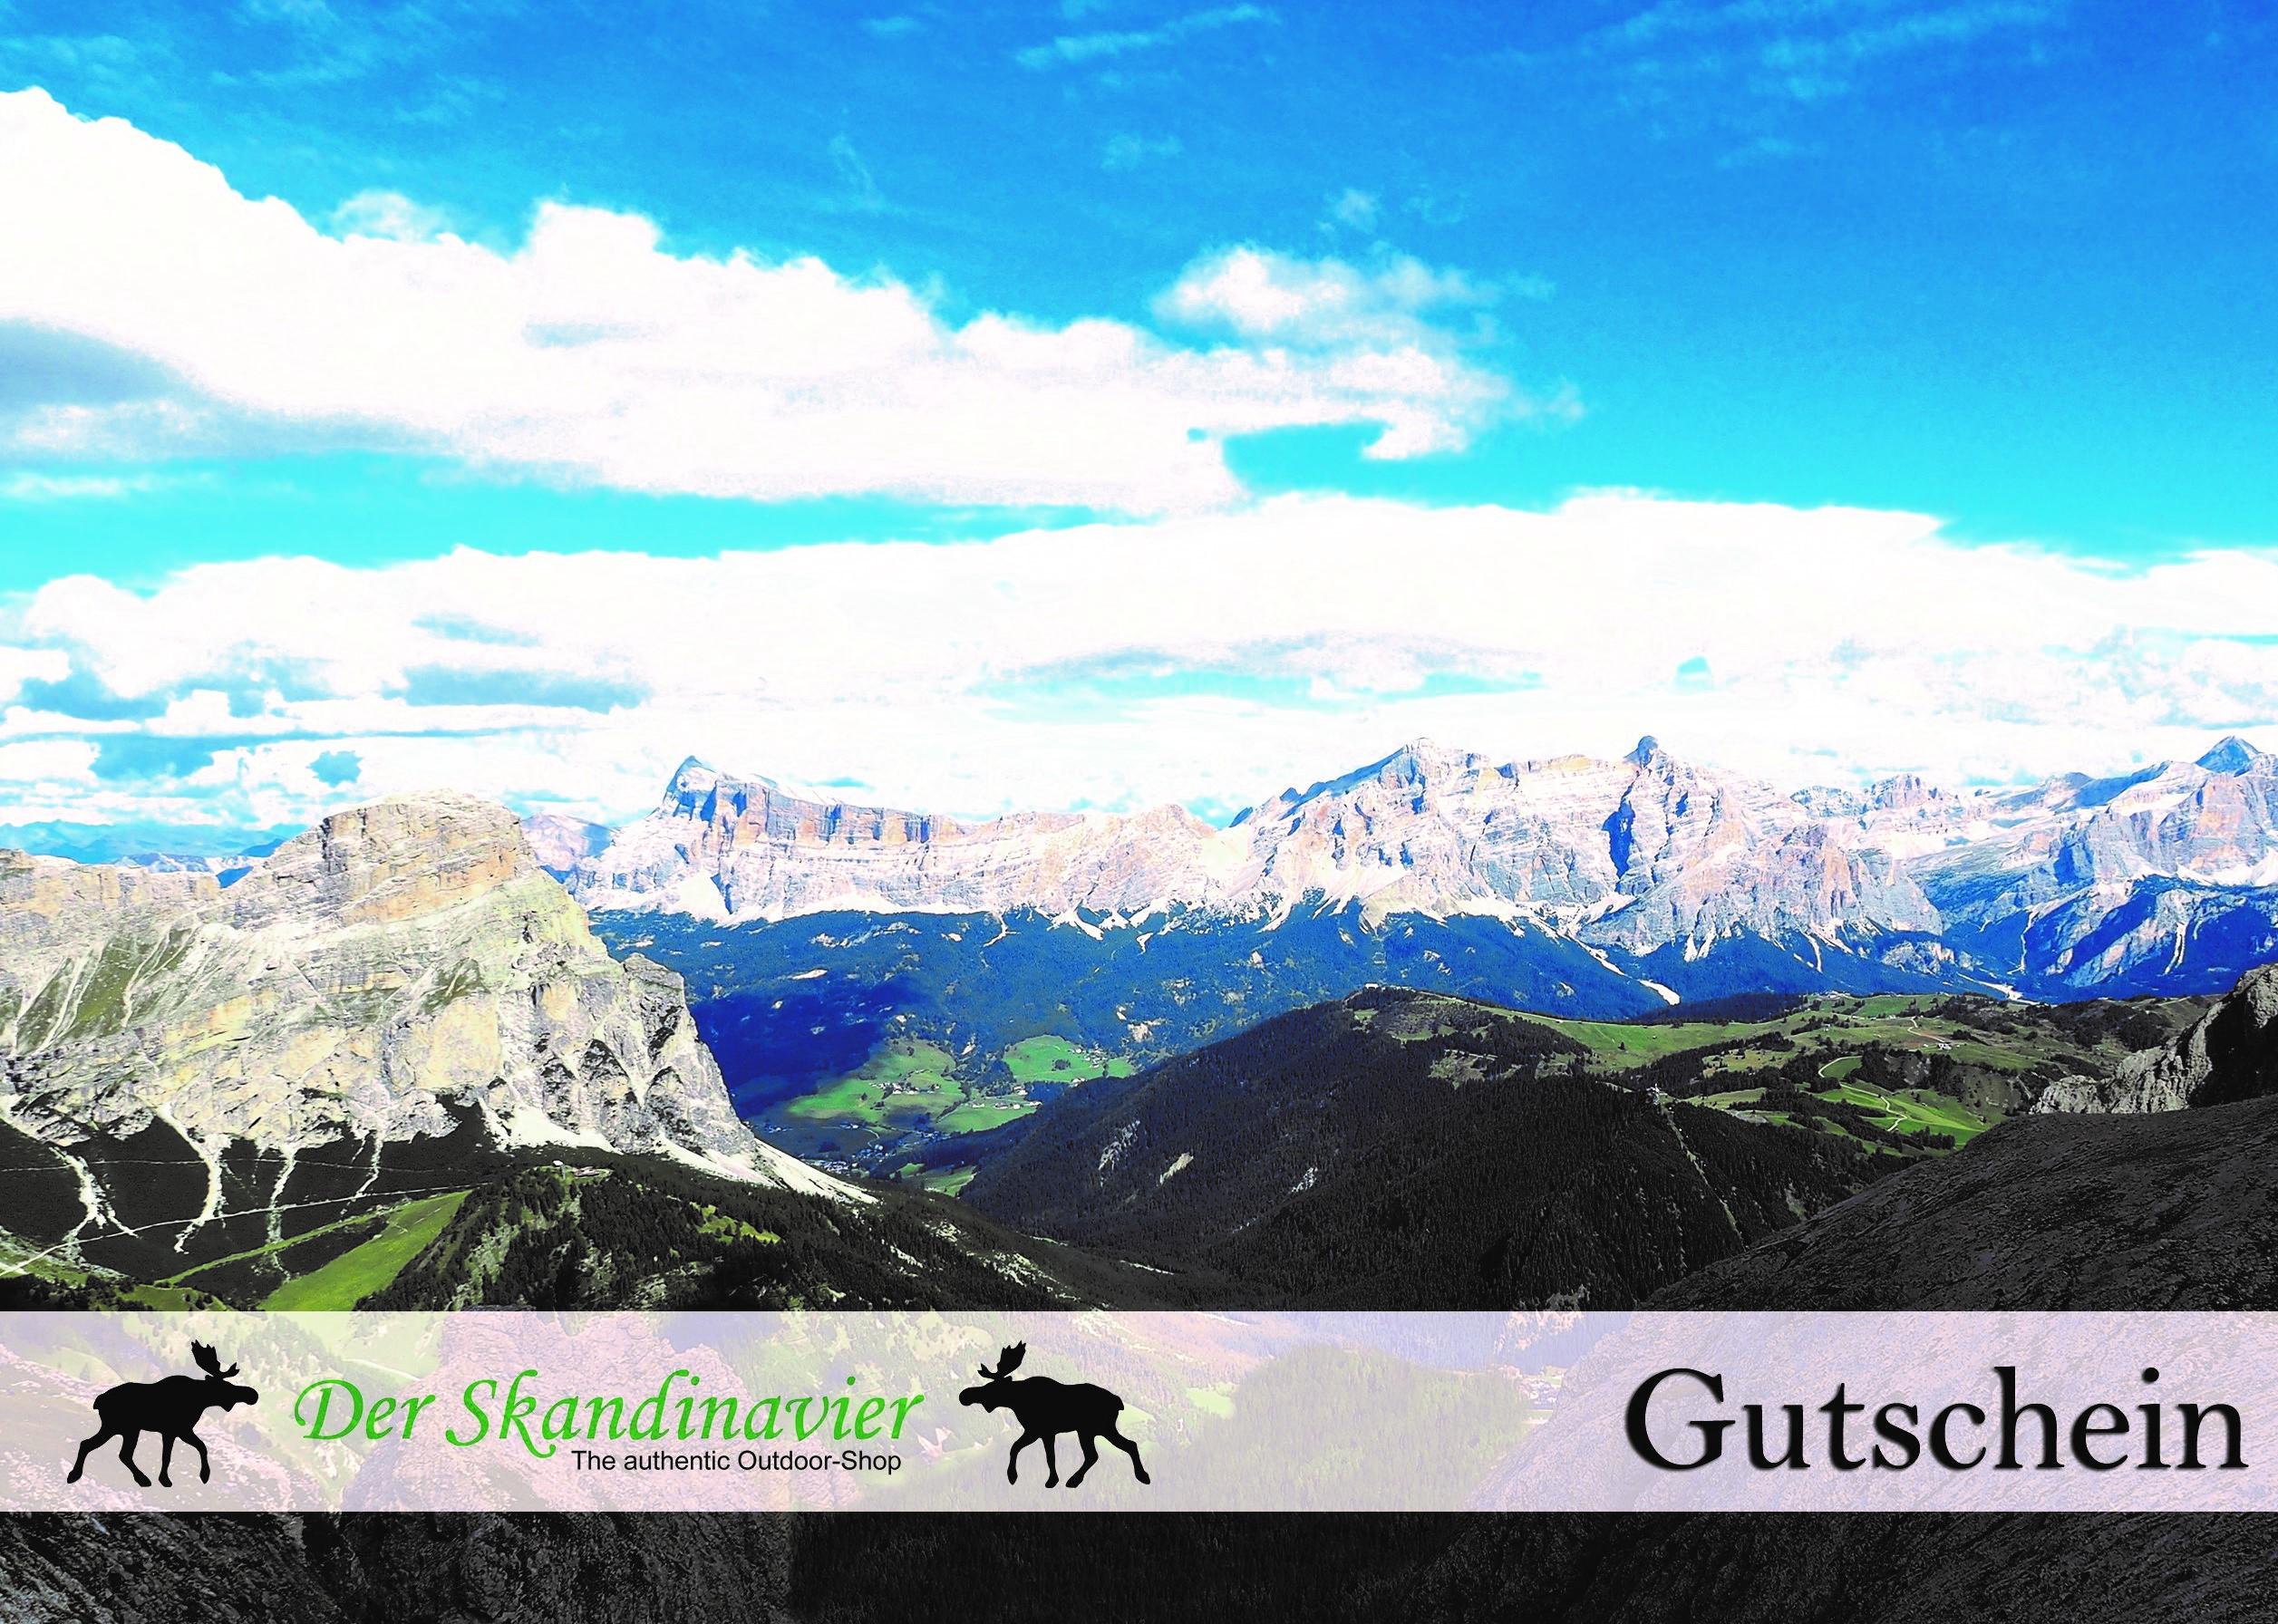 """Geschenk - Gutschein """"Motiv Berge"""""""